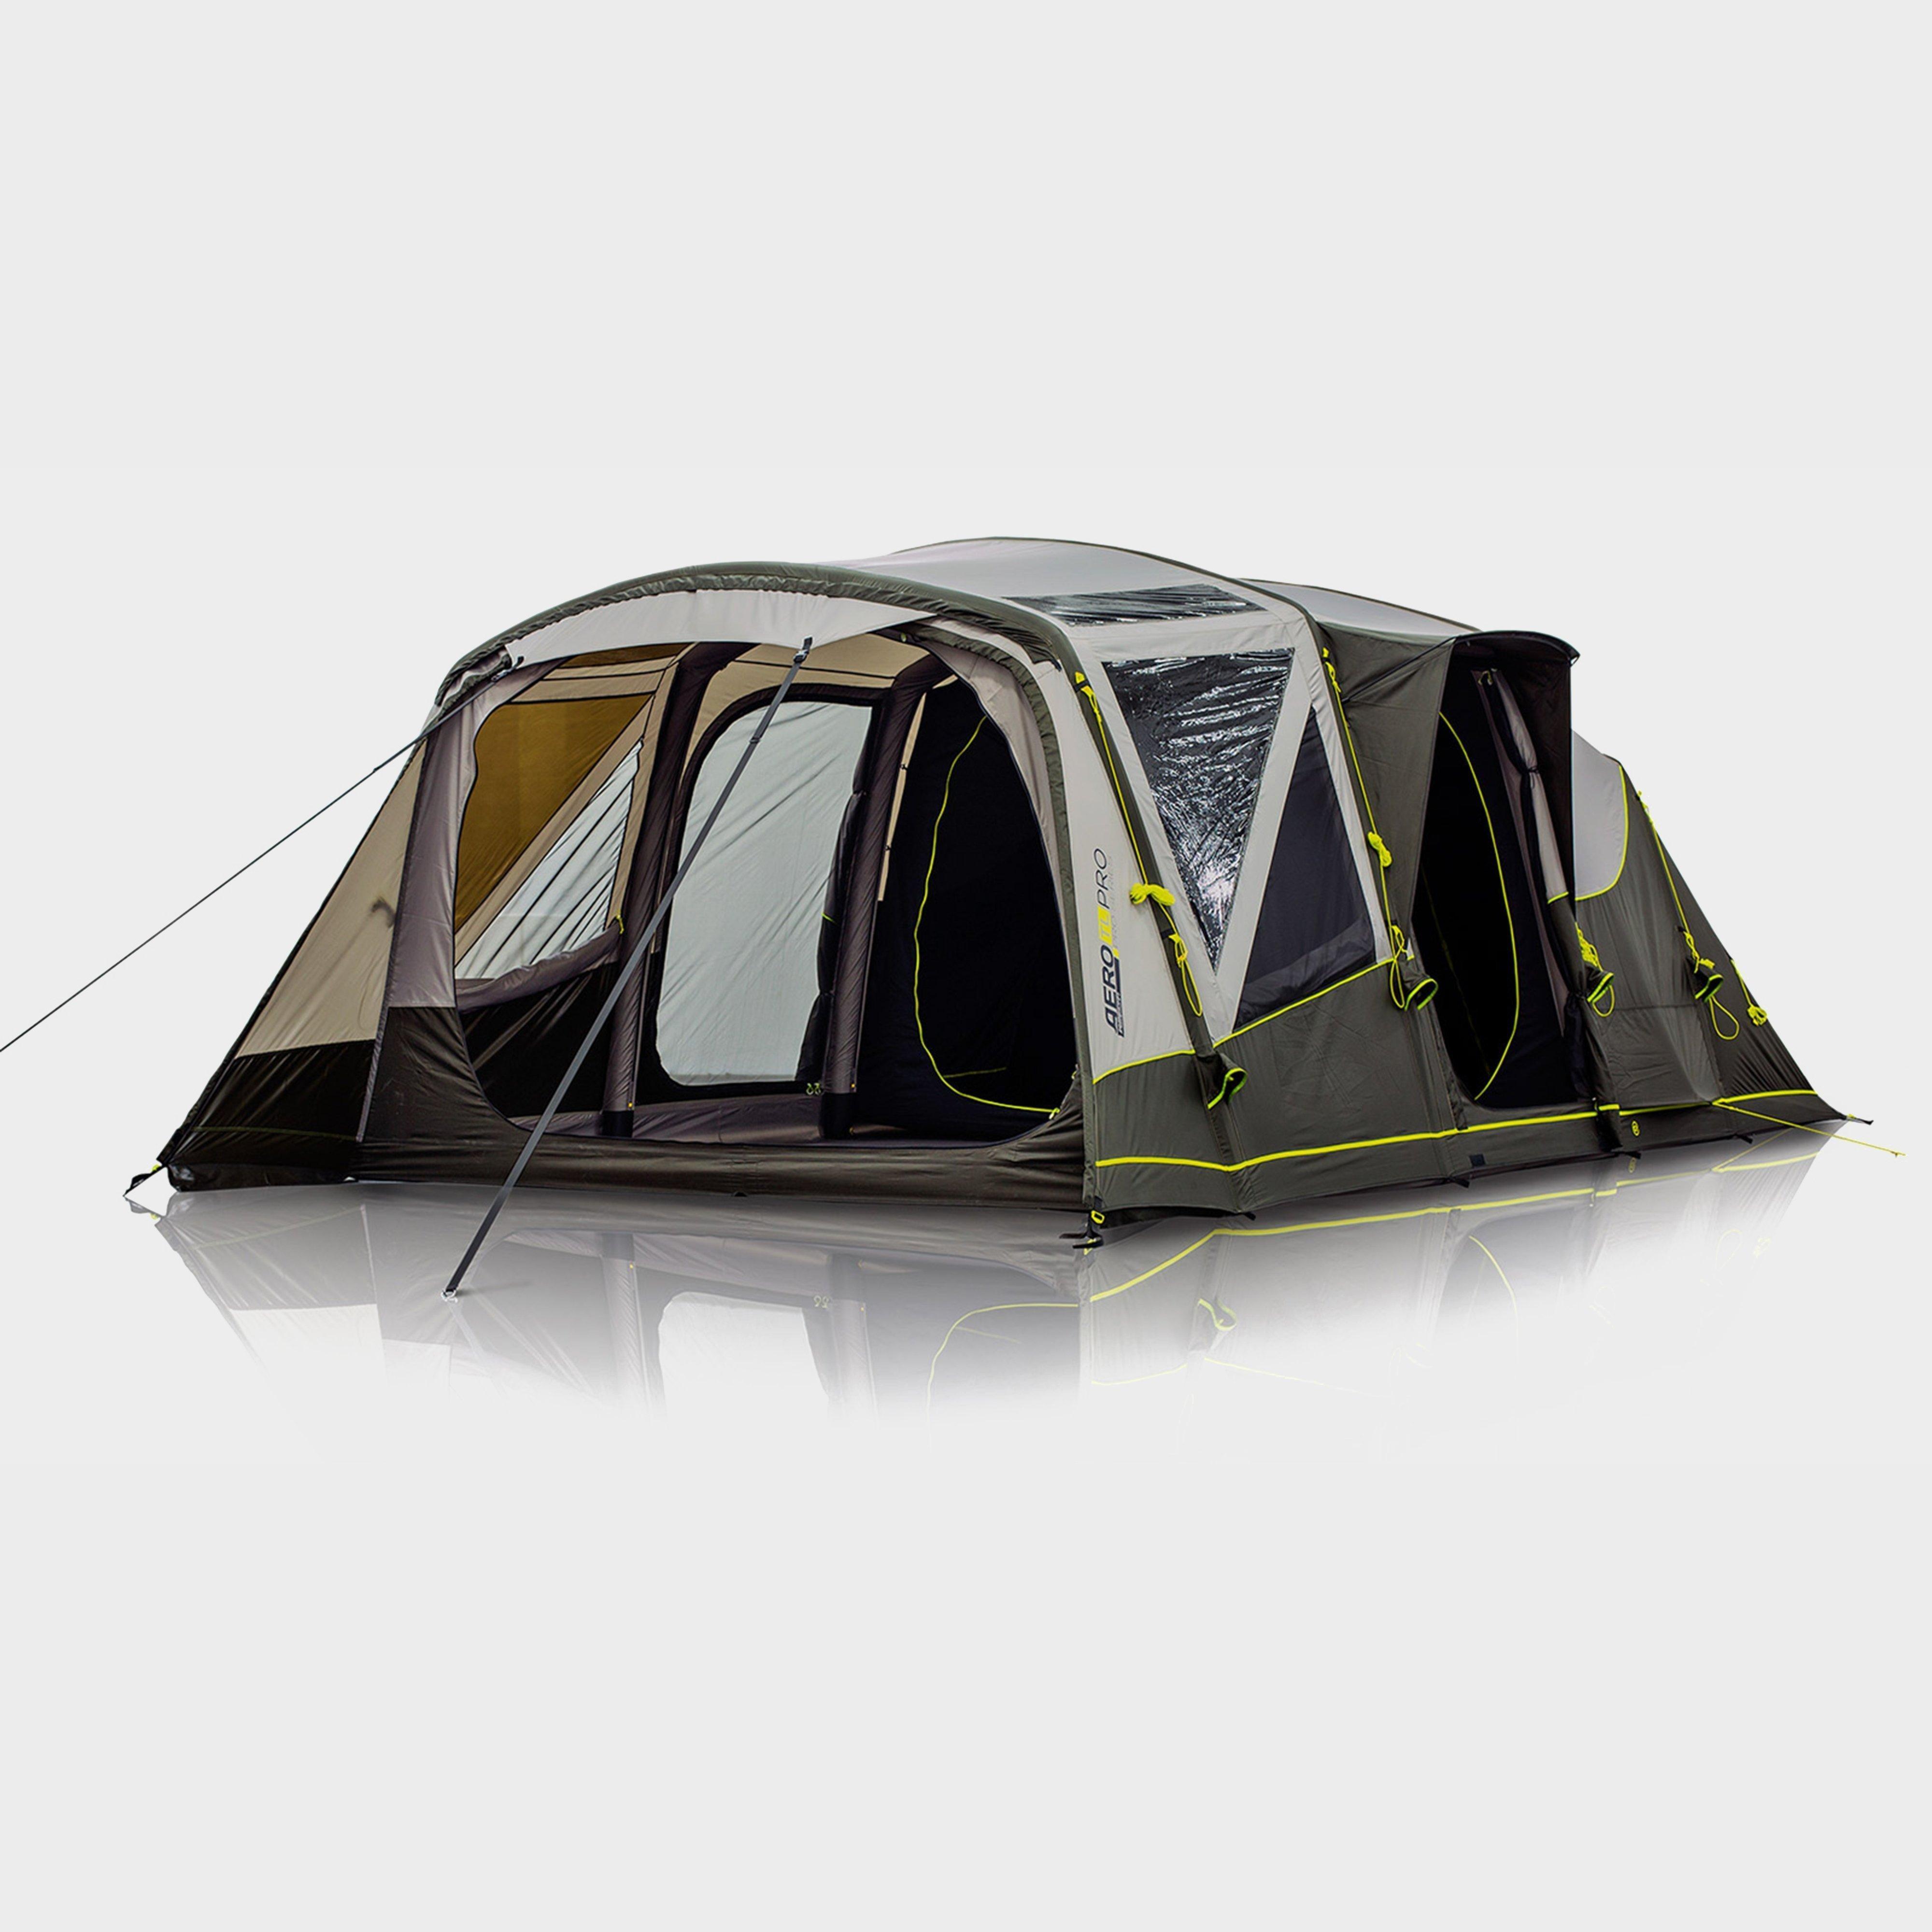 Zempire Aero TL Pro Tent